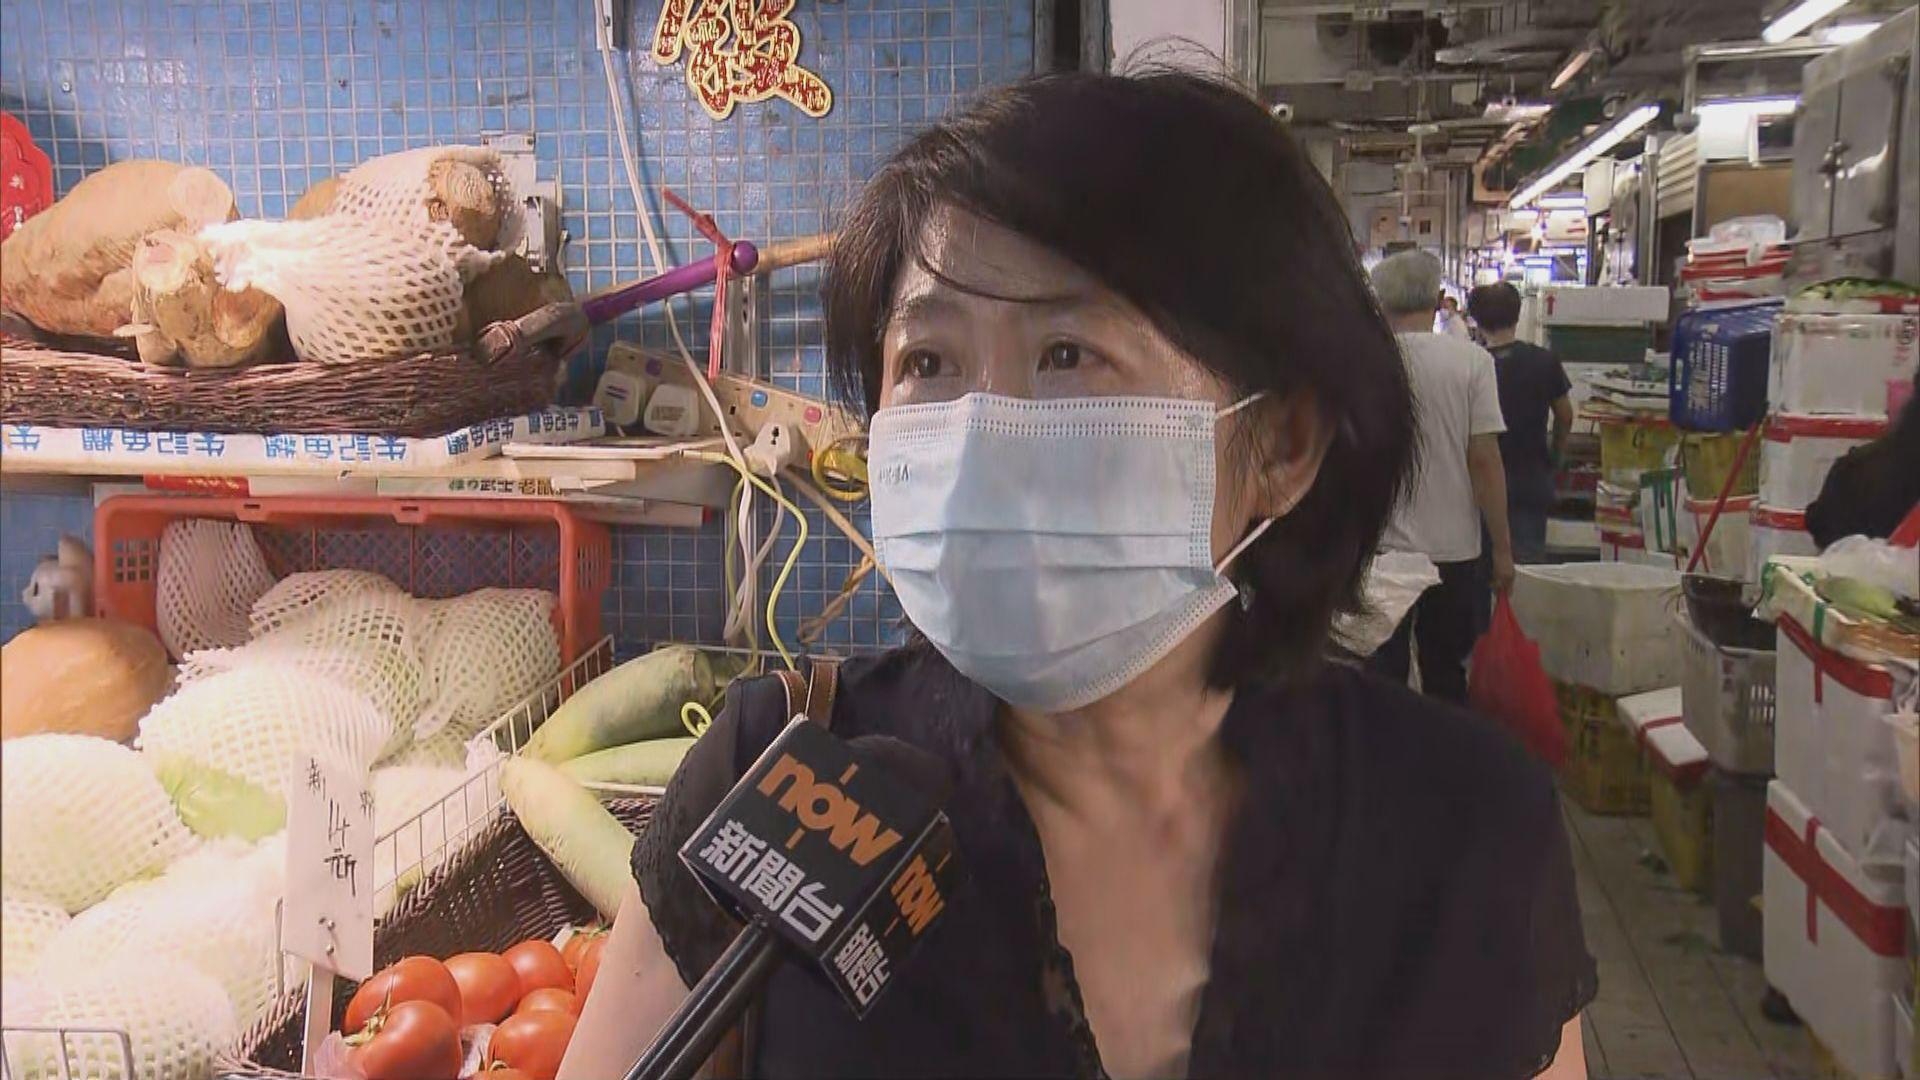 專家警告或需實施禁足令 有市民多買食品做準備